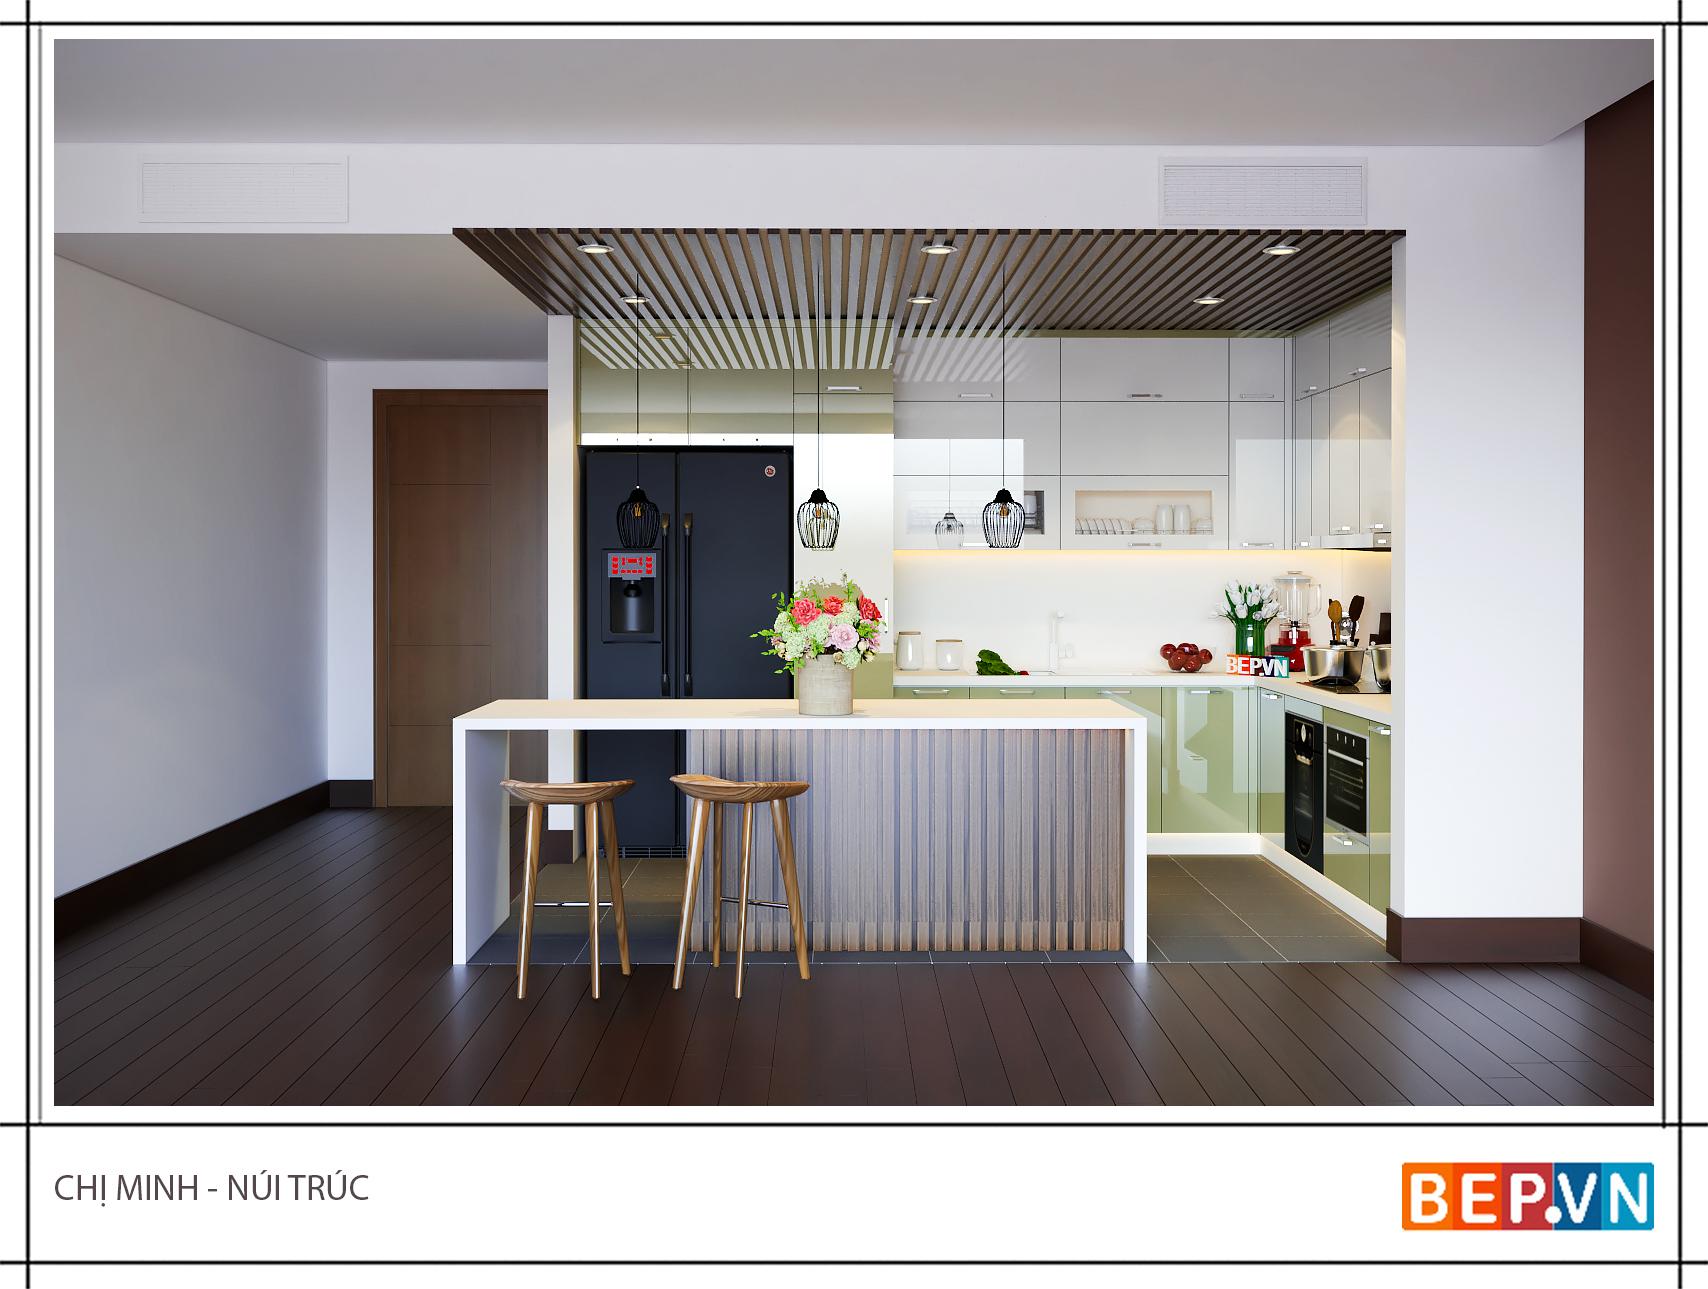 Thiết kế tủ bếp đảo gia đình chị Minh